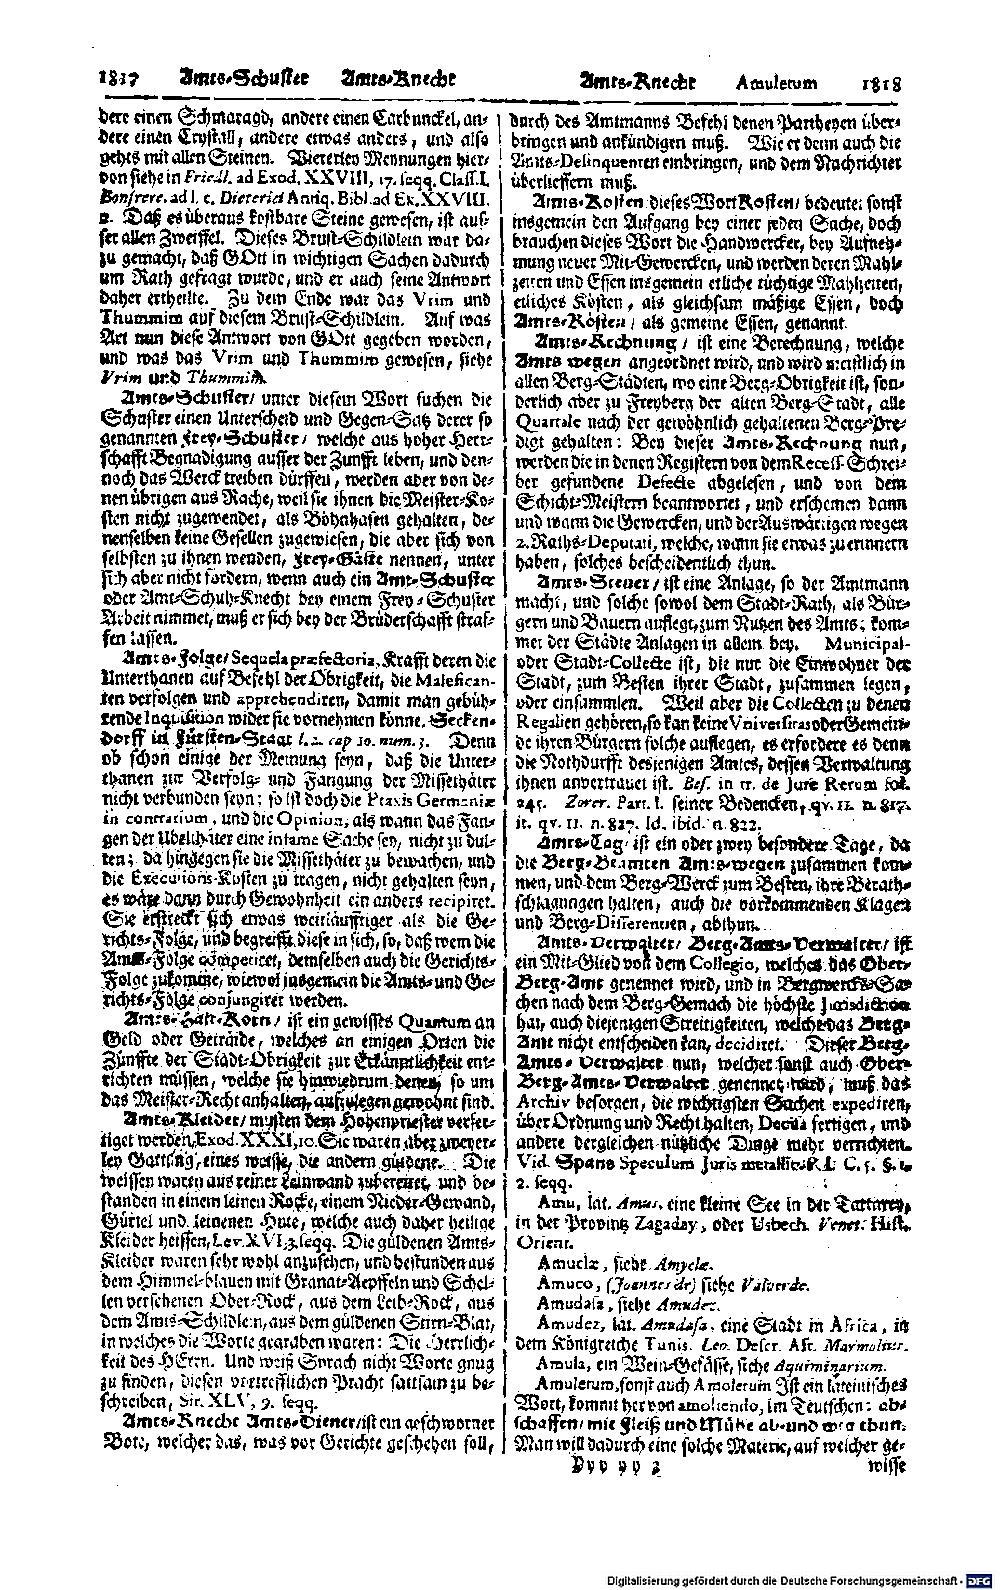 Bd. 01, Seite 0898.